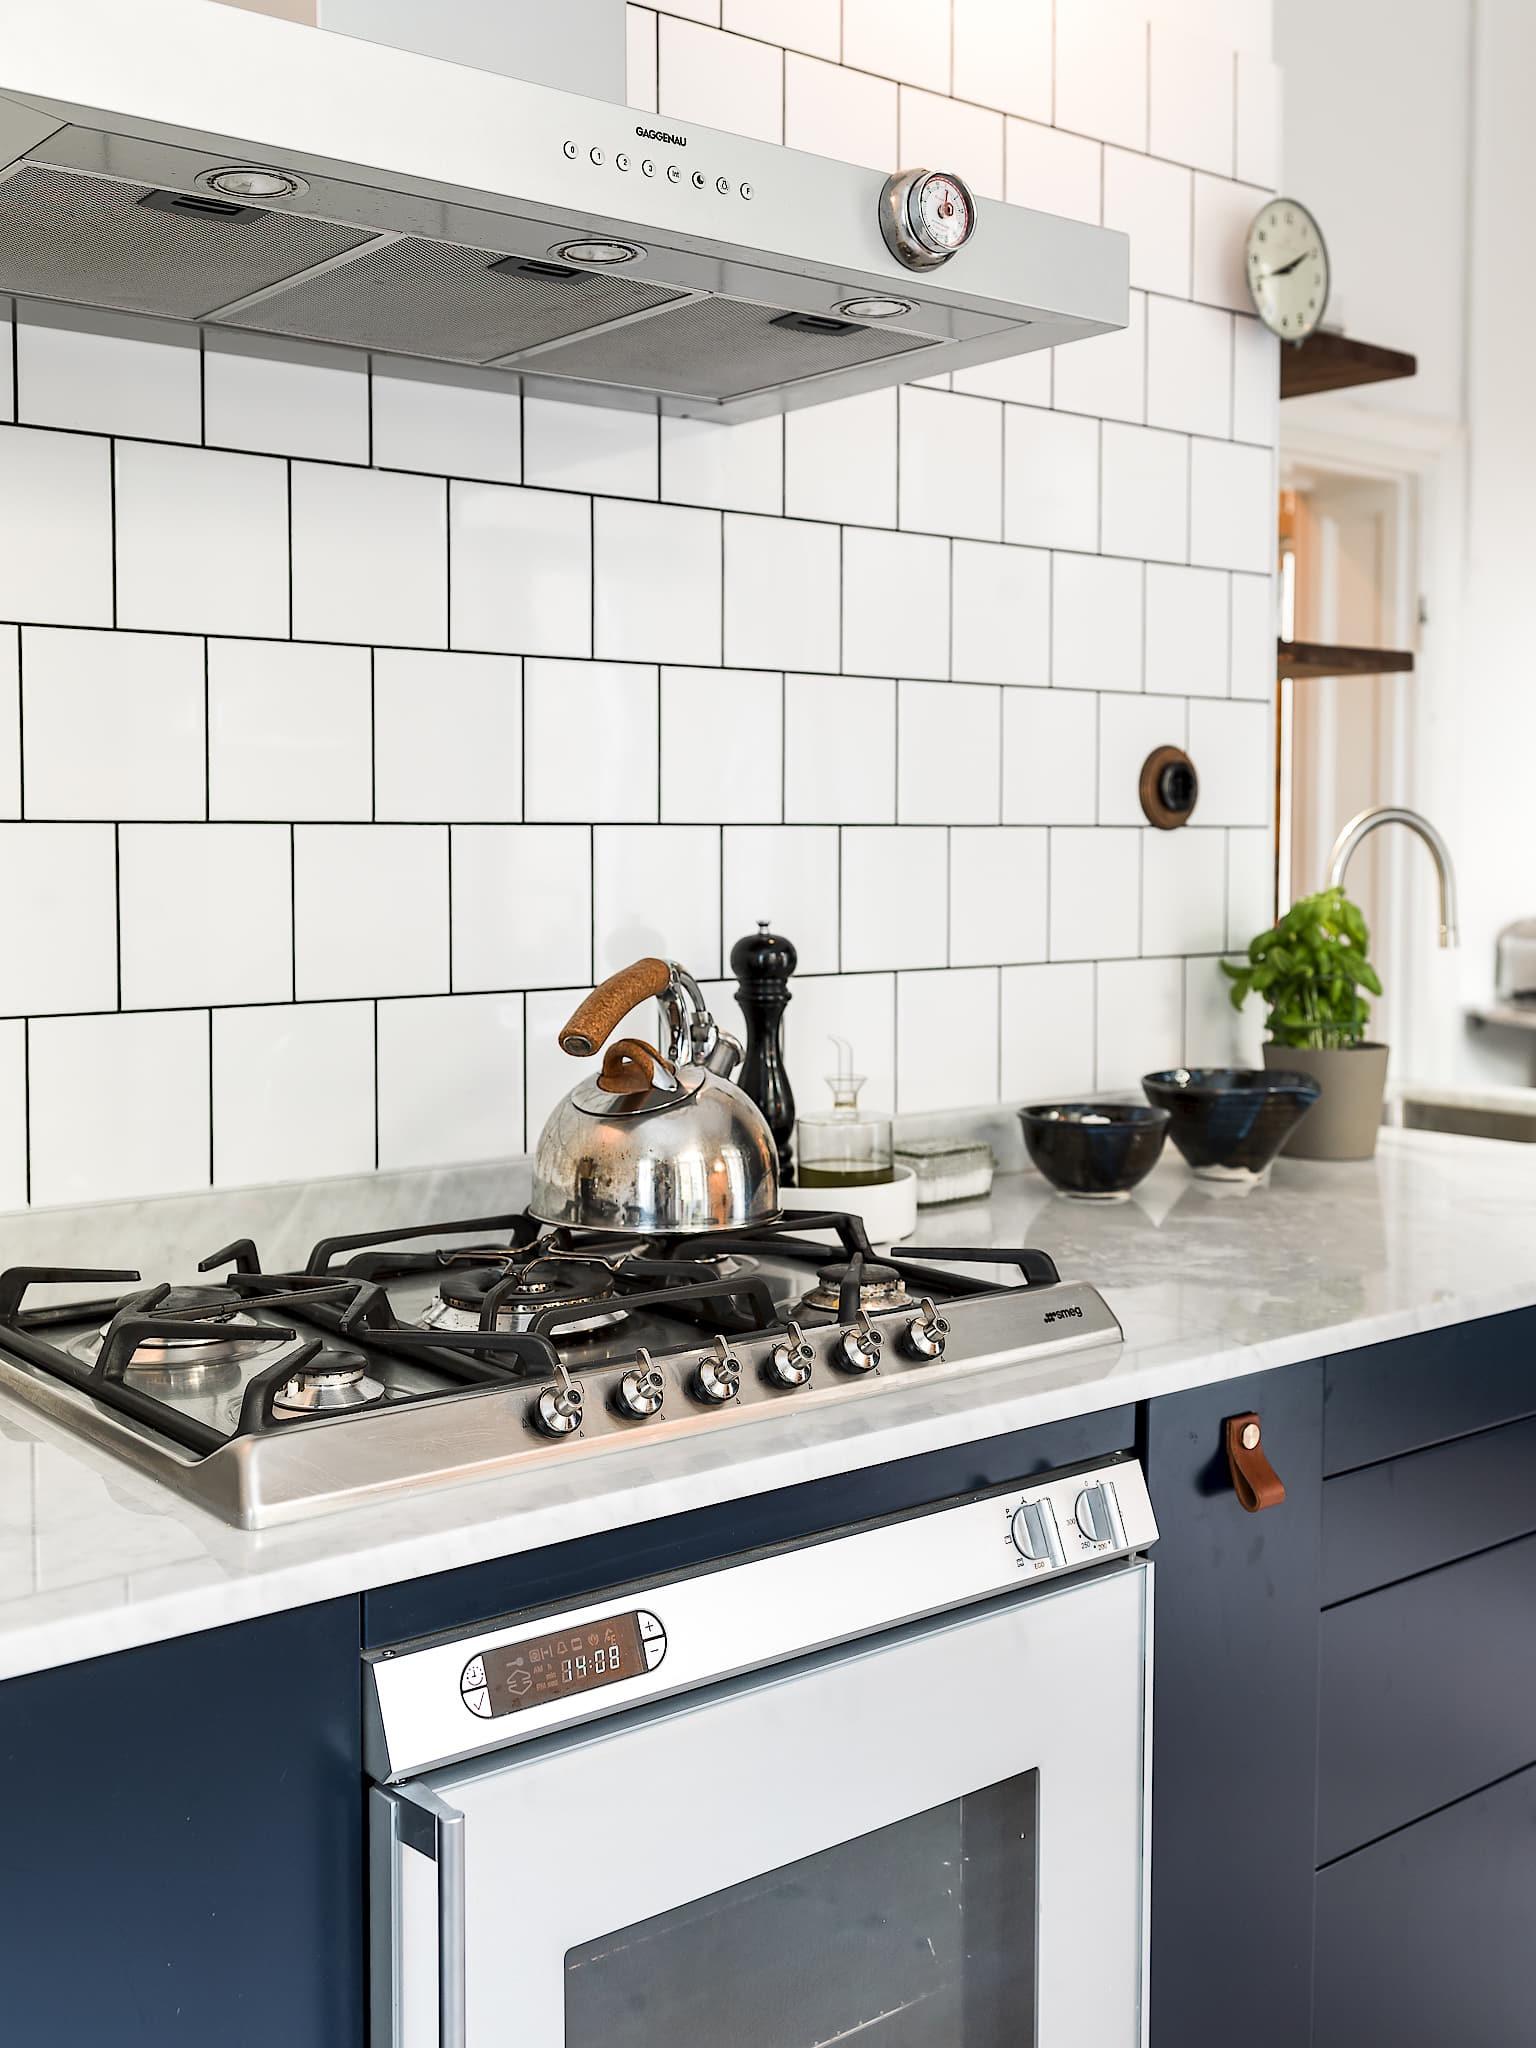 кухня столешница варочная газовая панель духовка, вытяжка